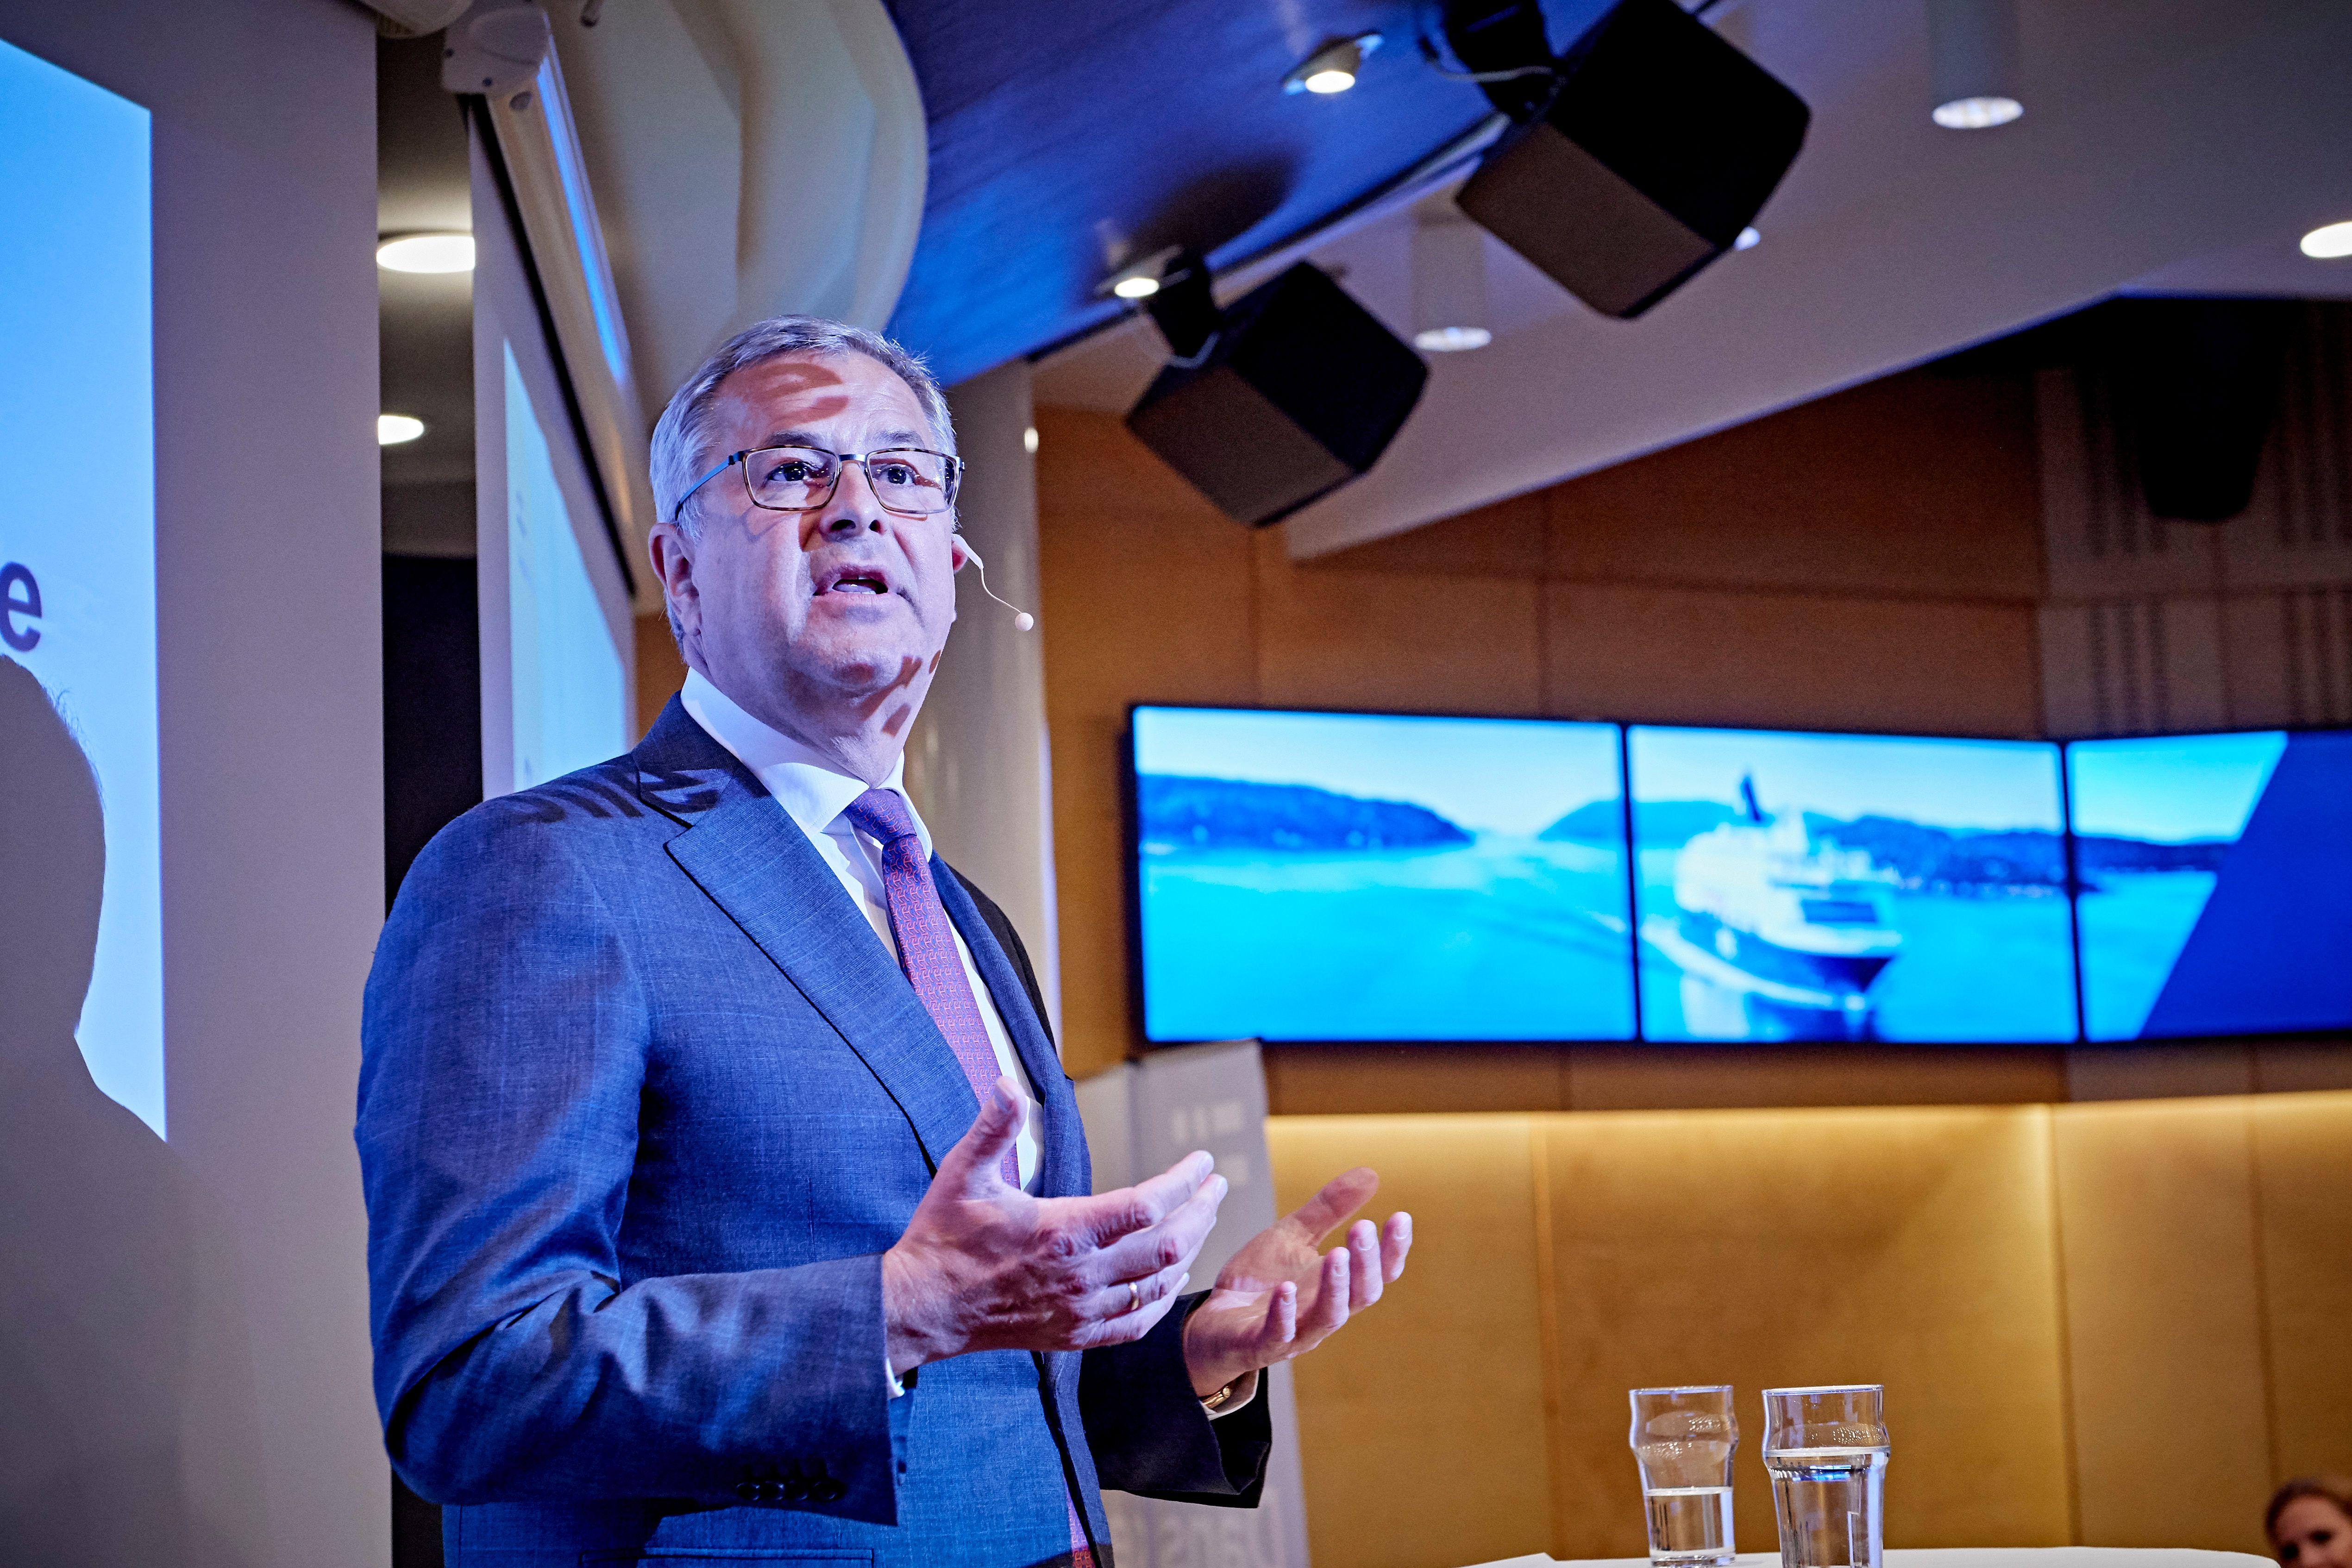 Opsigtsvækkende: Maersk-chef vil forbyde oliedrevne skibe